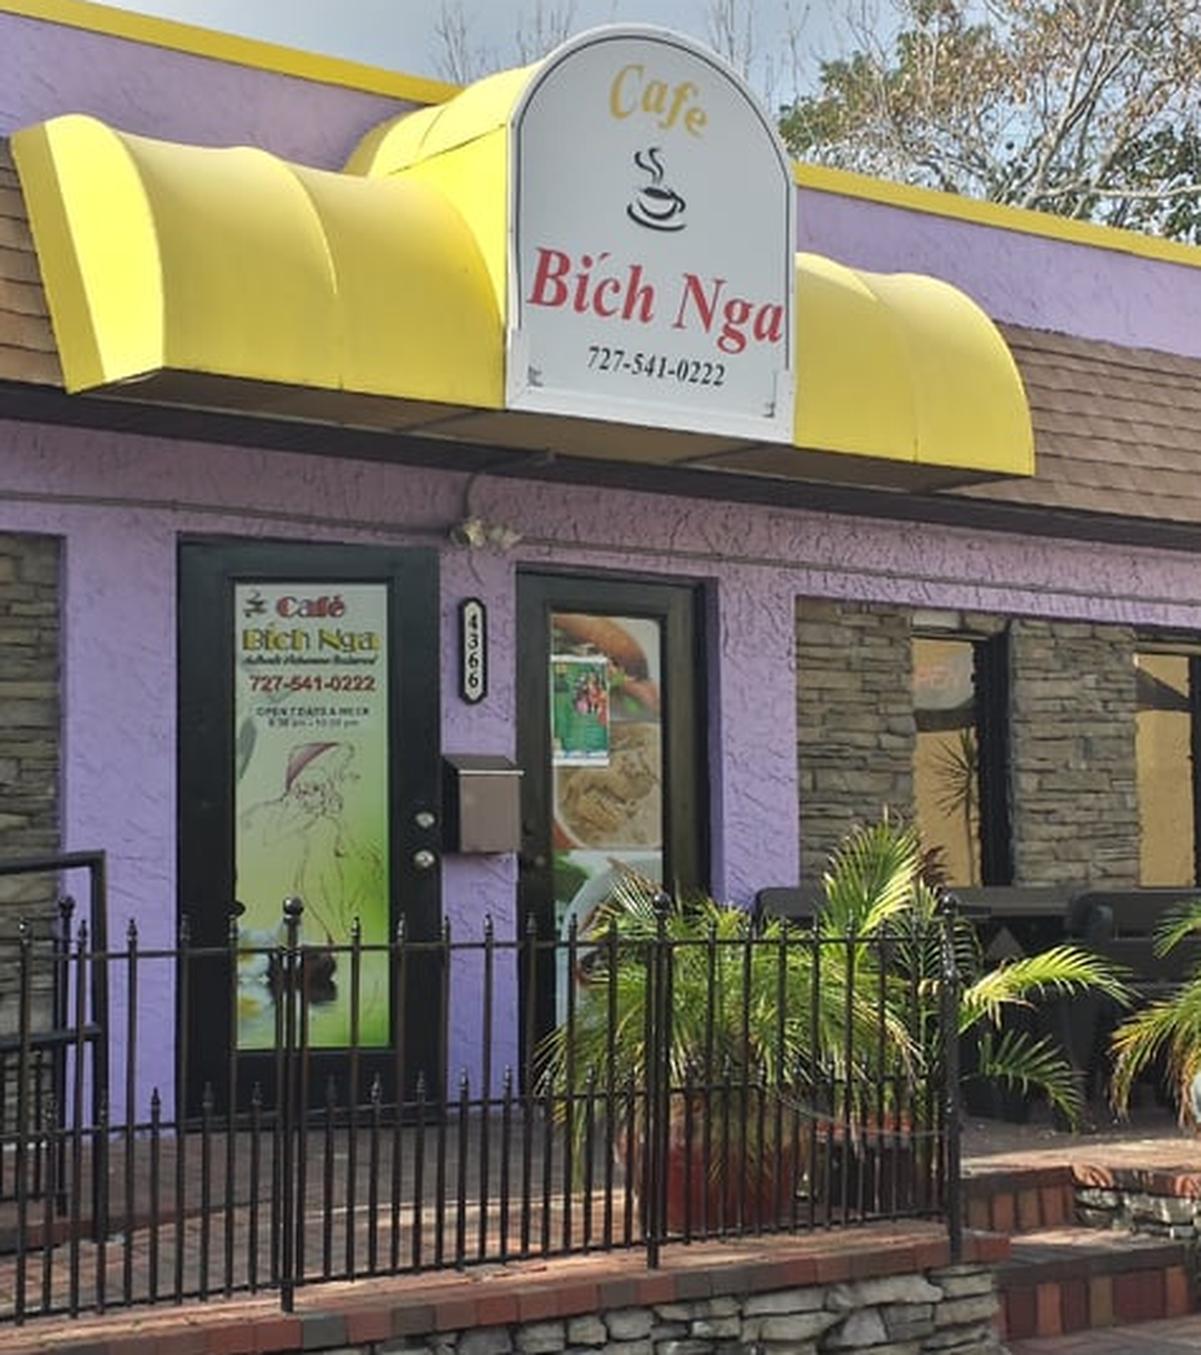 Bich Nga Cafe Related Keywords & Suggestions - Bich Nga Cafe